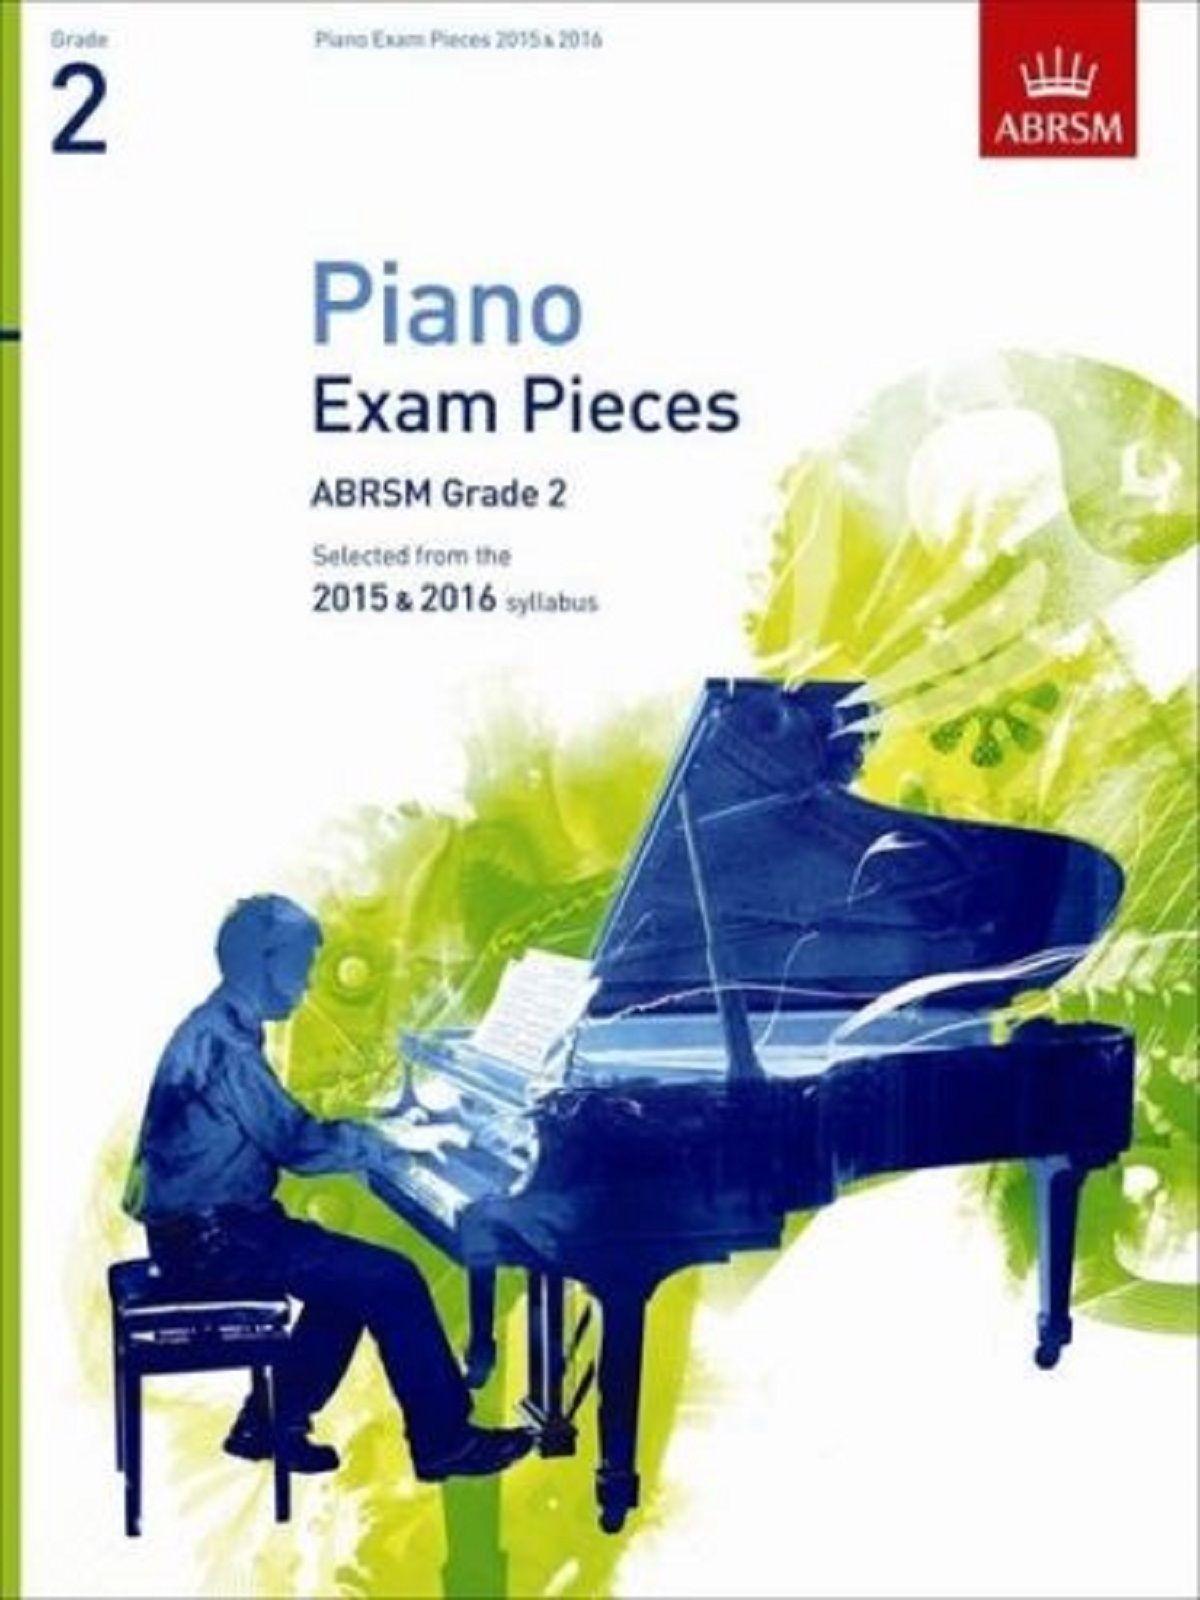 Piano Exam Pieces ABRSM Grade 2 2015 - 2016 Sheet Music Beginner Book S166